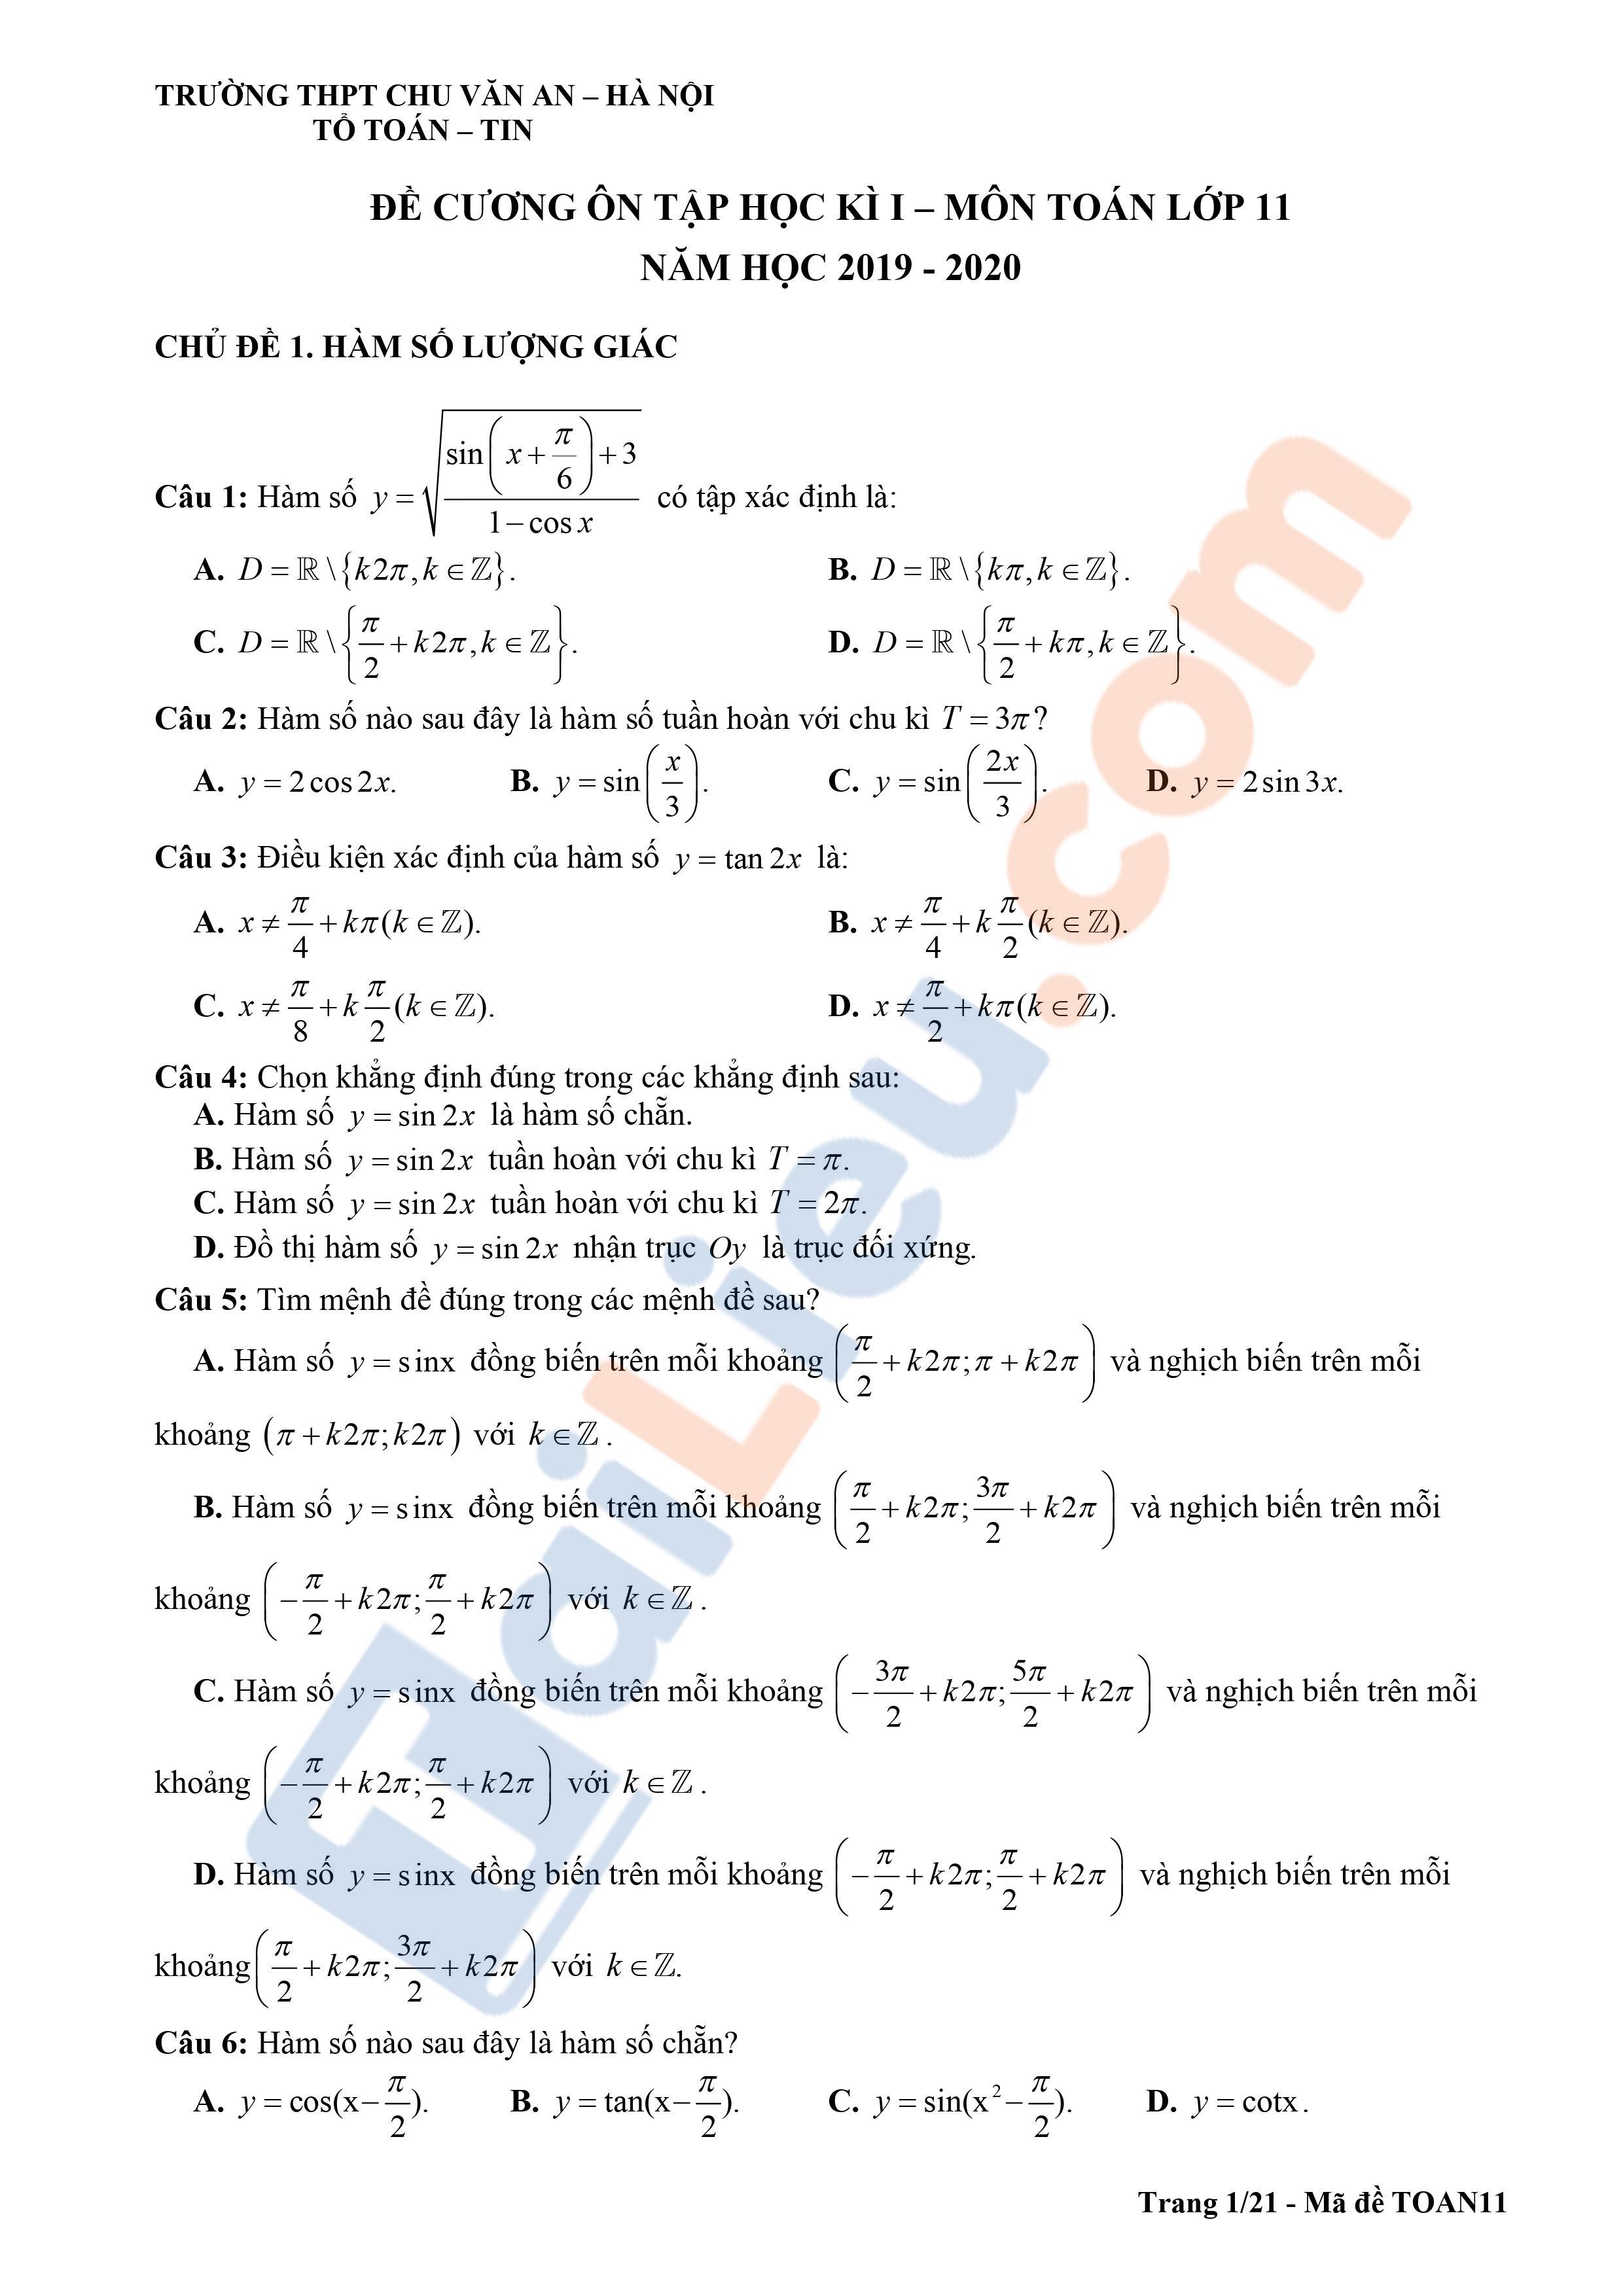 Đề cương ôn tập toán 11 THPT Chu Văn An